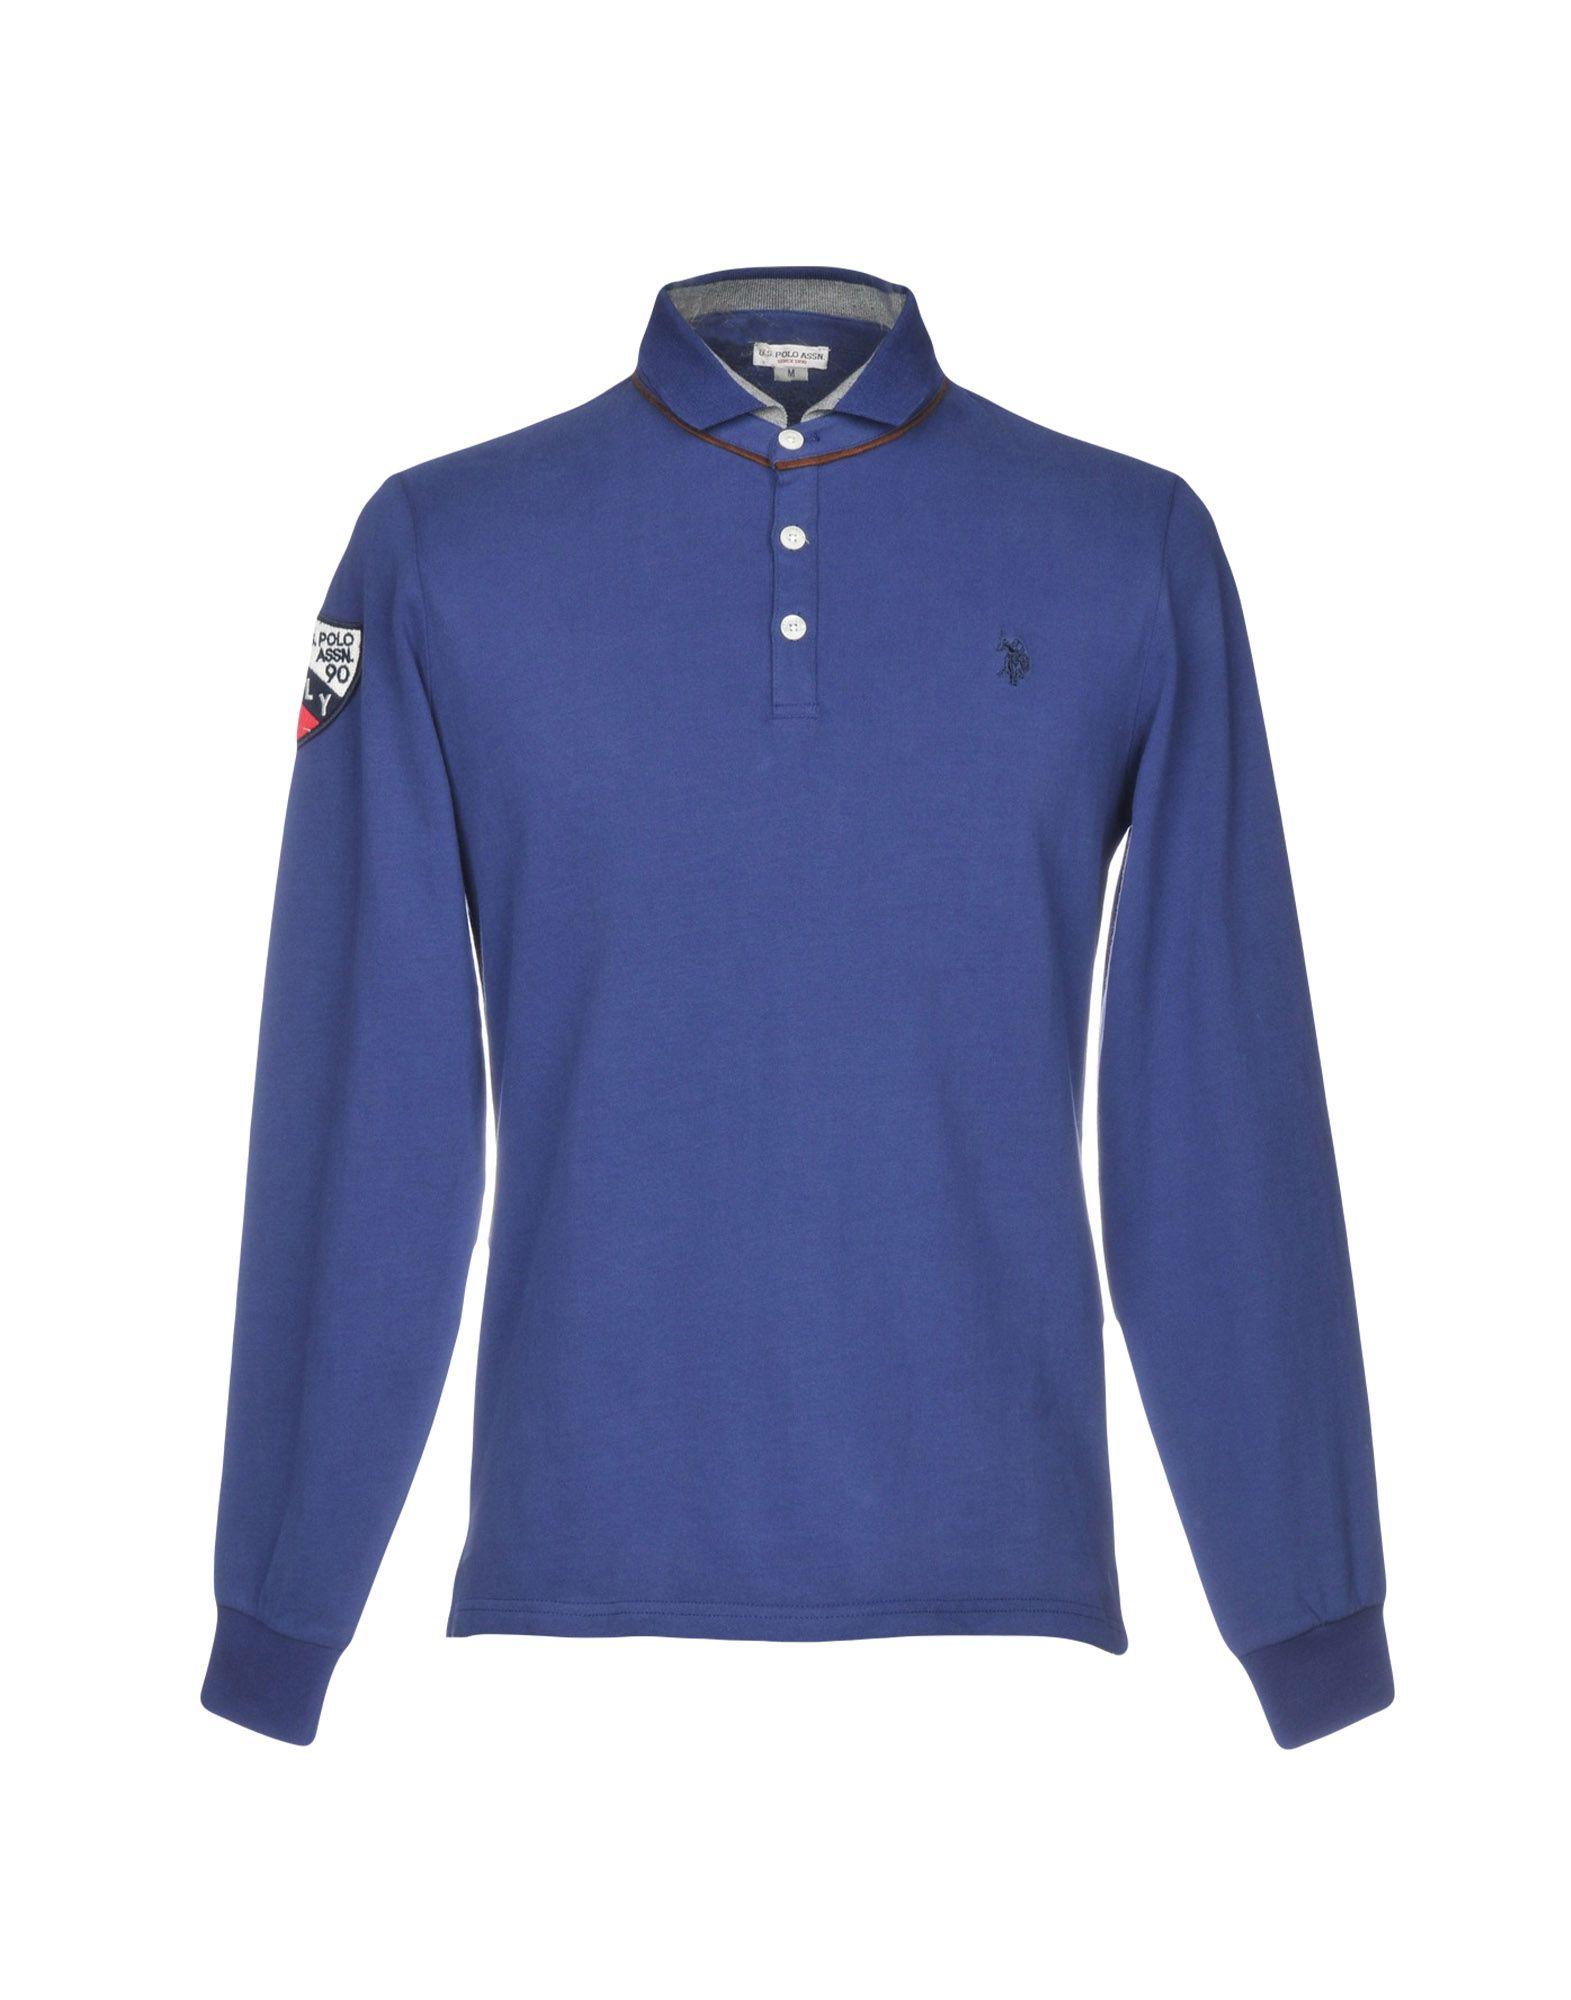 《送料無料》U.S.POLO ASSN. メンズ ポロシャツ ブルー M コットン 100%